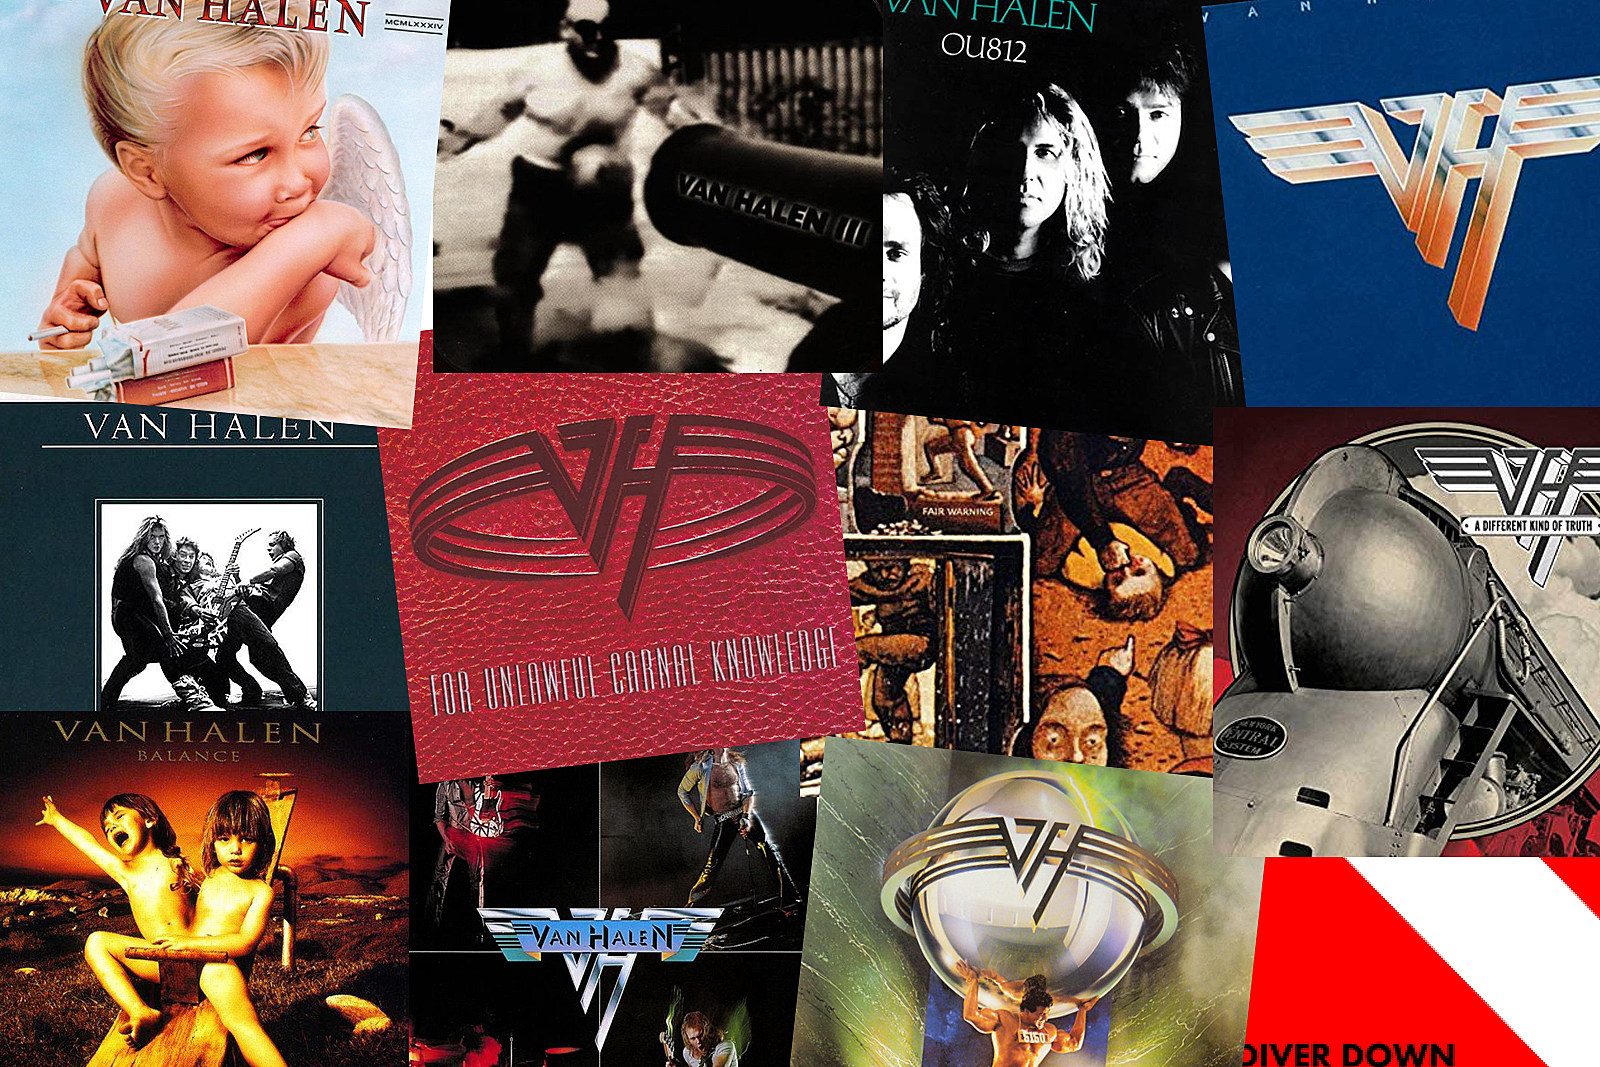 How I Became Such A Big Van Halen Fan